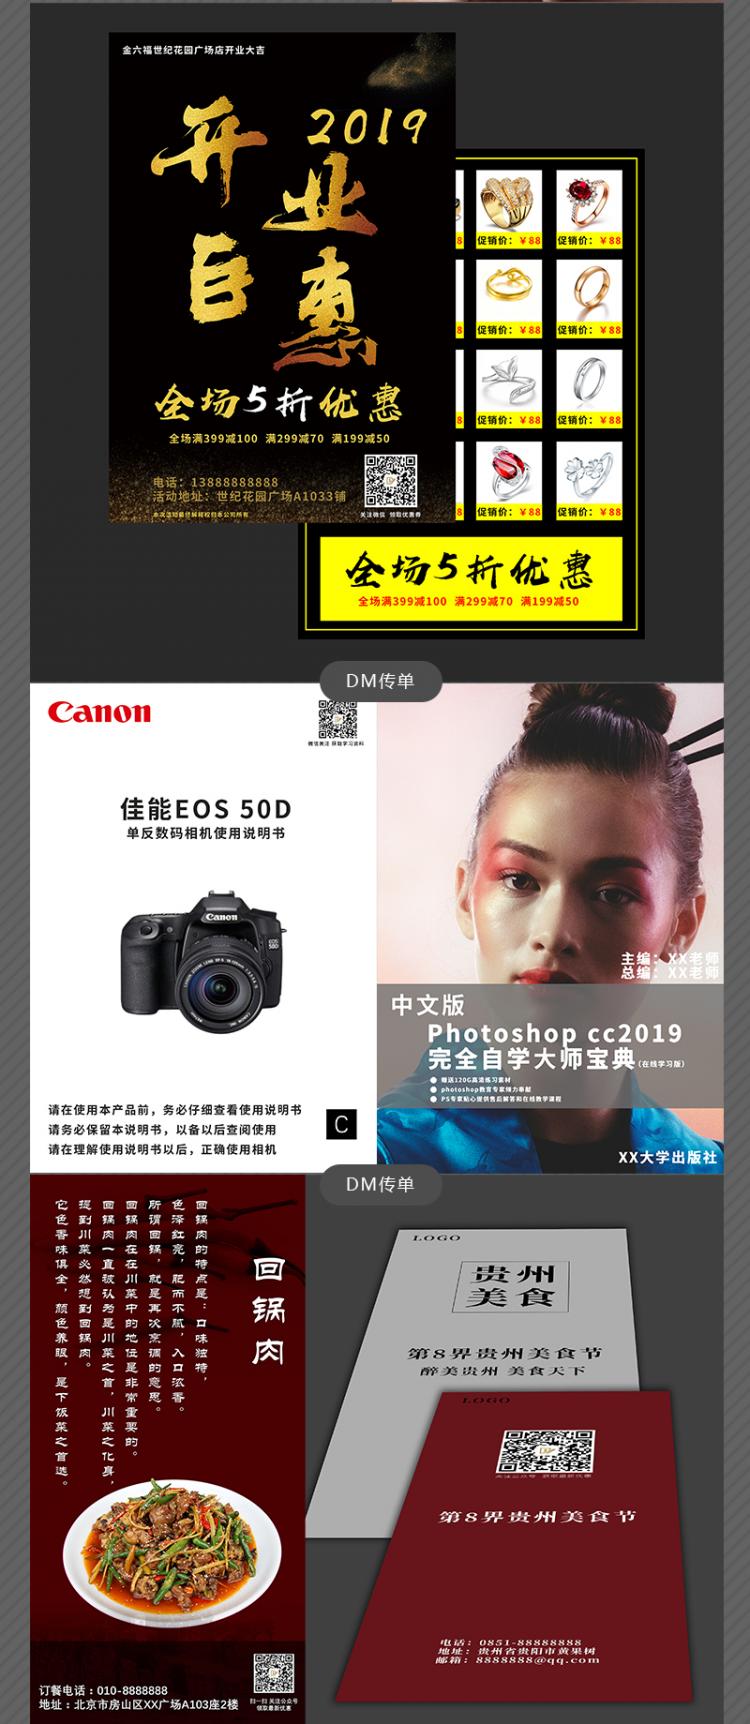 Photoshop cc 2019零基础入门到精通视频教程